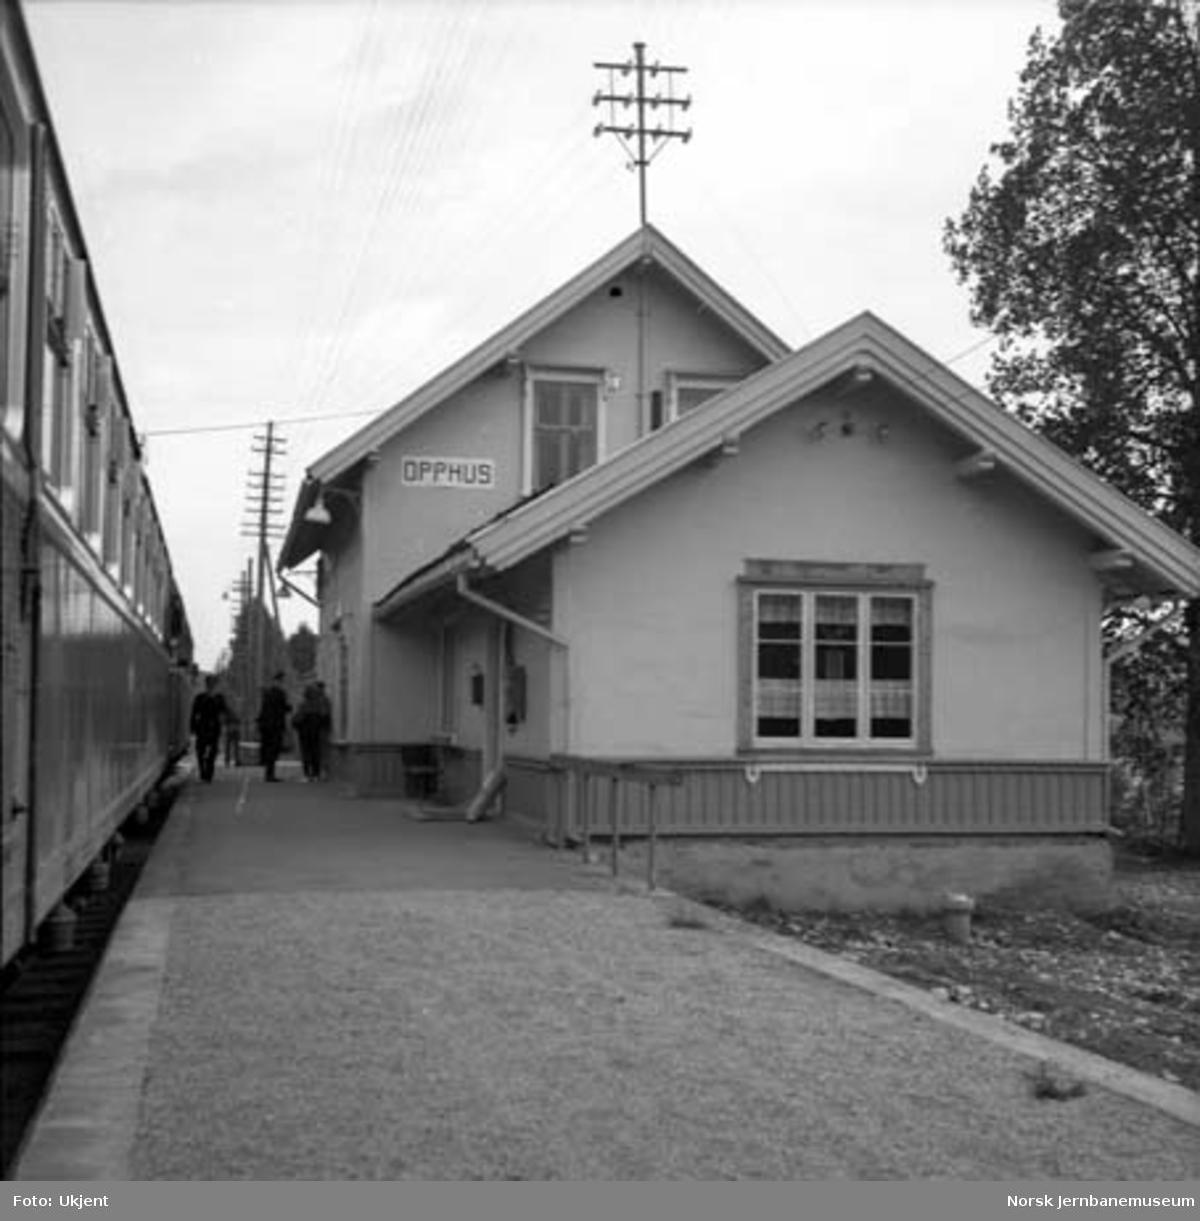 Opphus stasjon